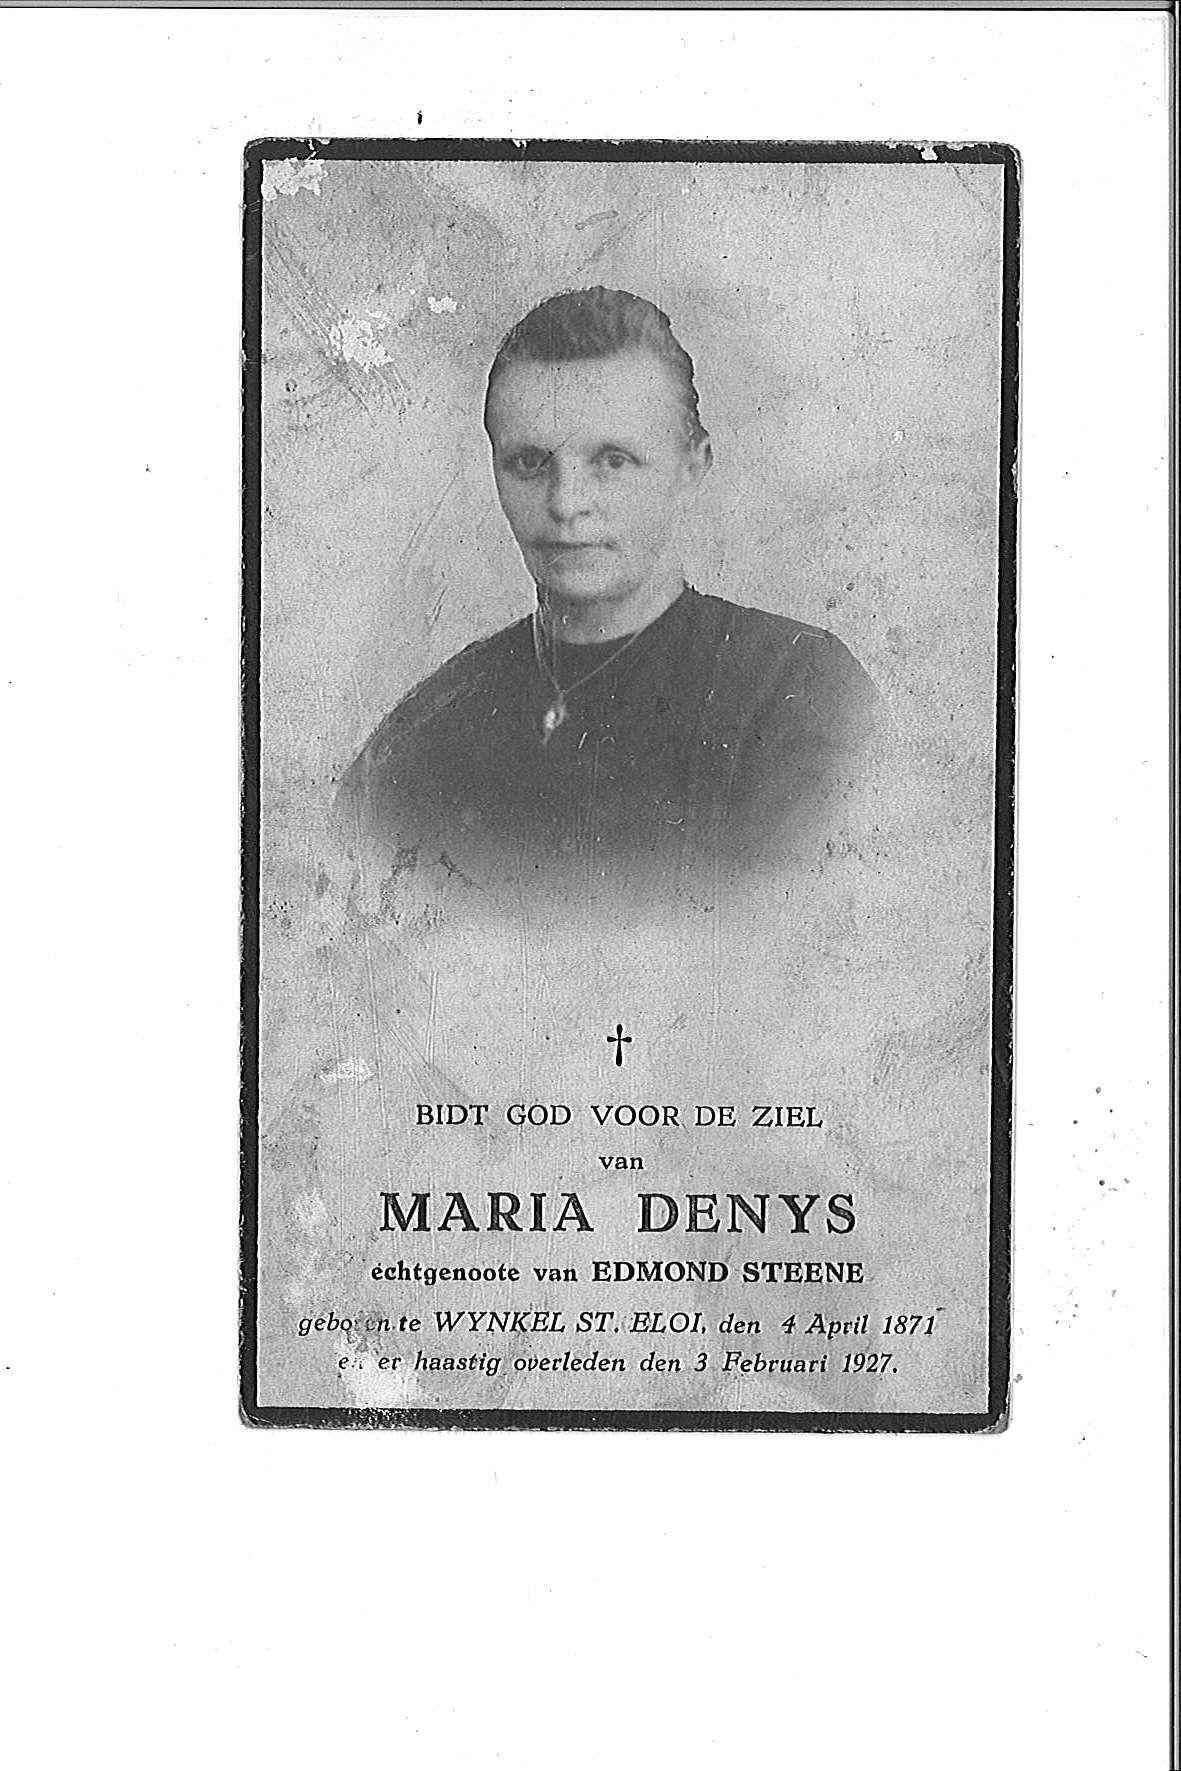 Maria(1927)20150415104000_00029.jpg